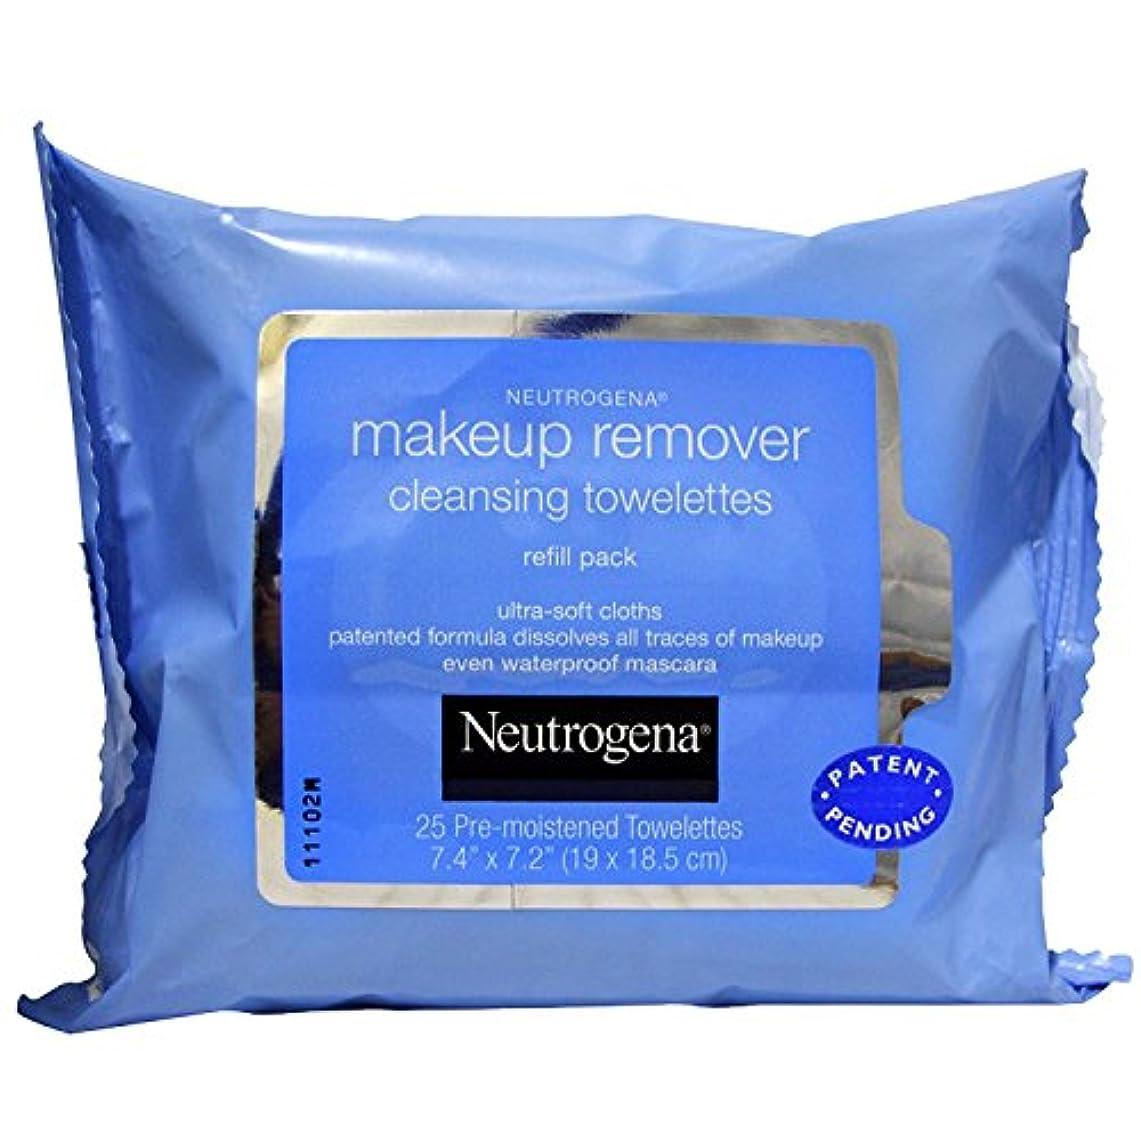 おばさん手荷物ダイエットNEUTROGENA Makeup Remover Cleansing Towelettes Refill Pack - 25 Count - 25 Towelettes